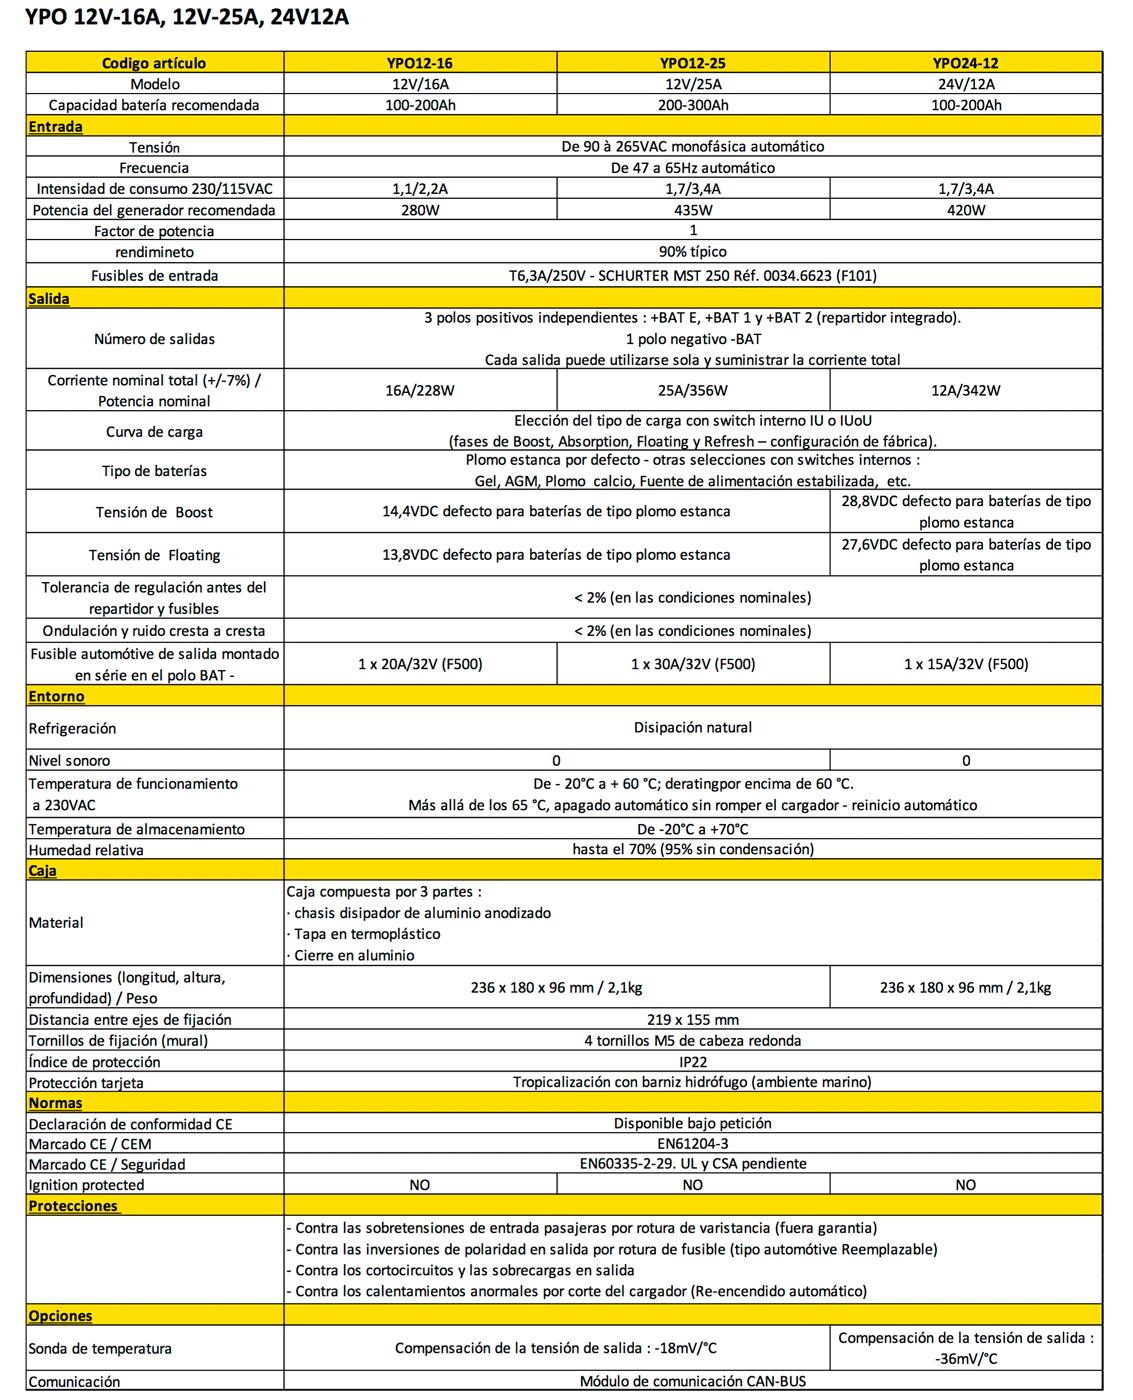 Especificaciones técnicas cargador de baterías Cristec